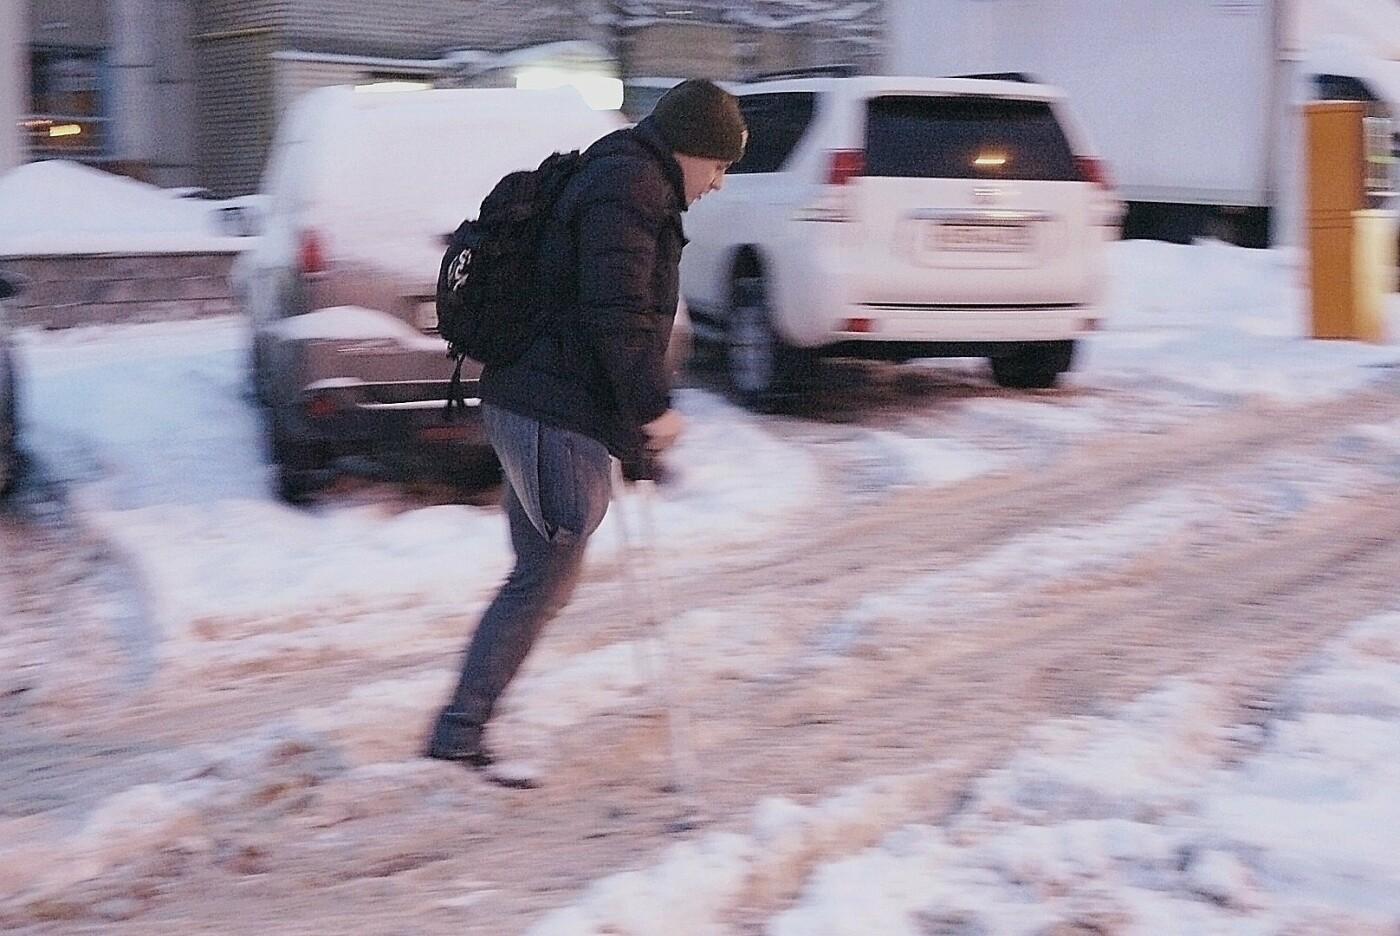 «Я не ограничен». Как живётся спортсмену без ноги в Белгороде, фото-12